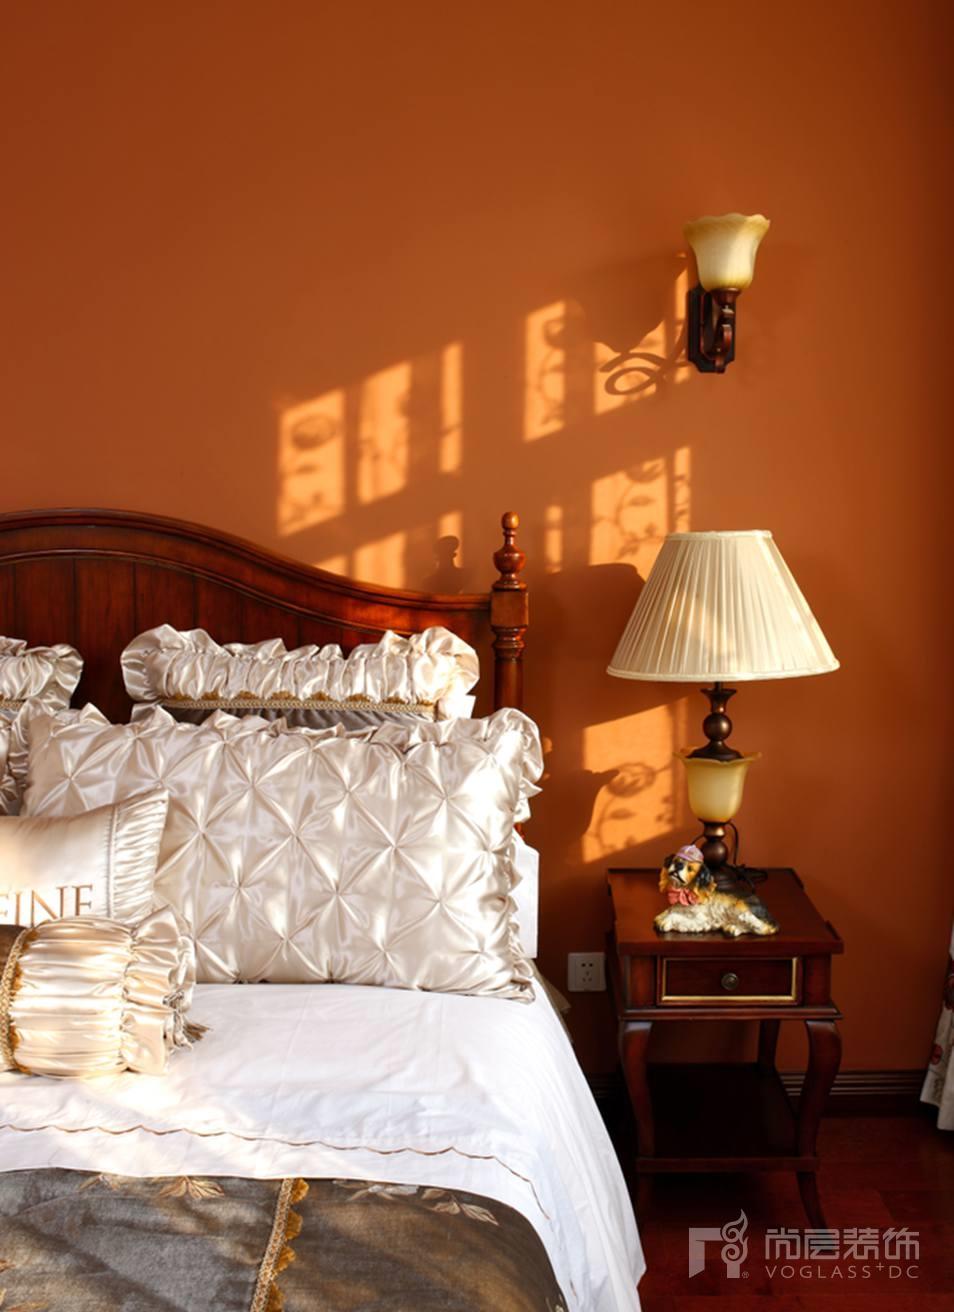 尚层别墅装修儿童房卧室设计-橙色